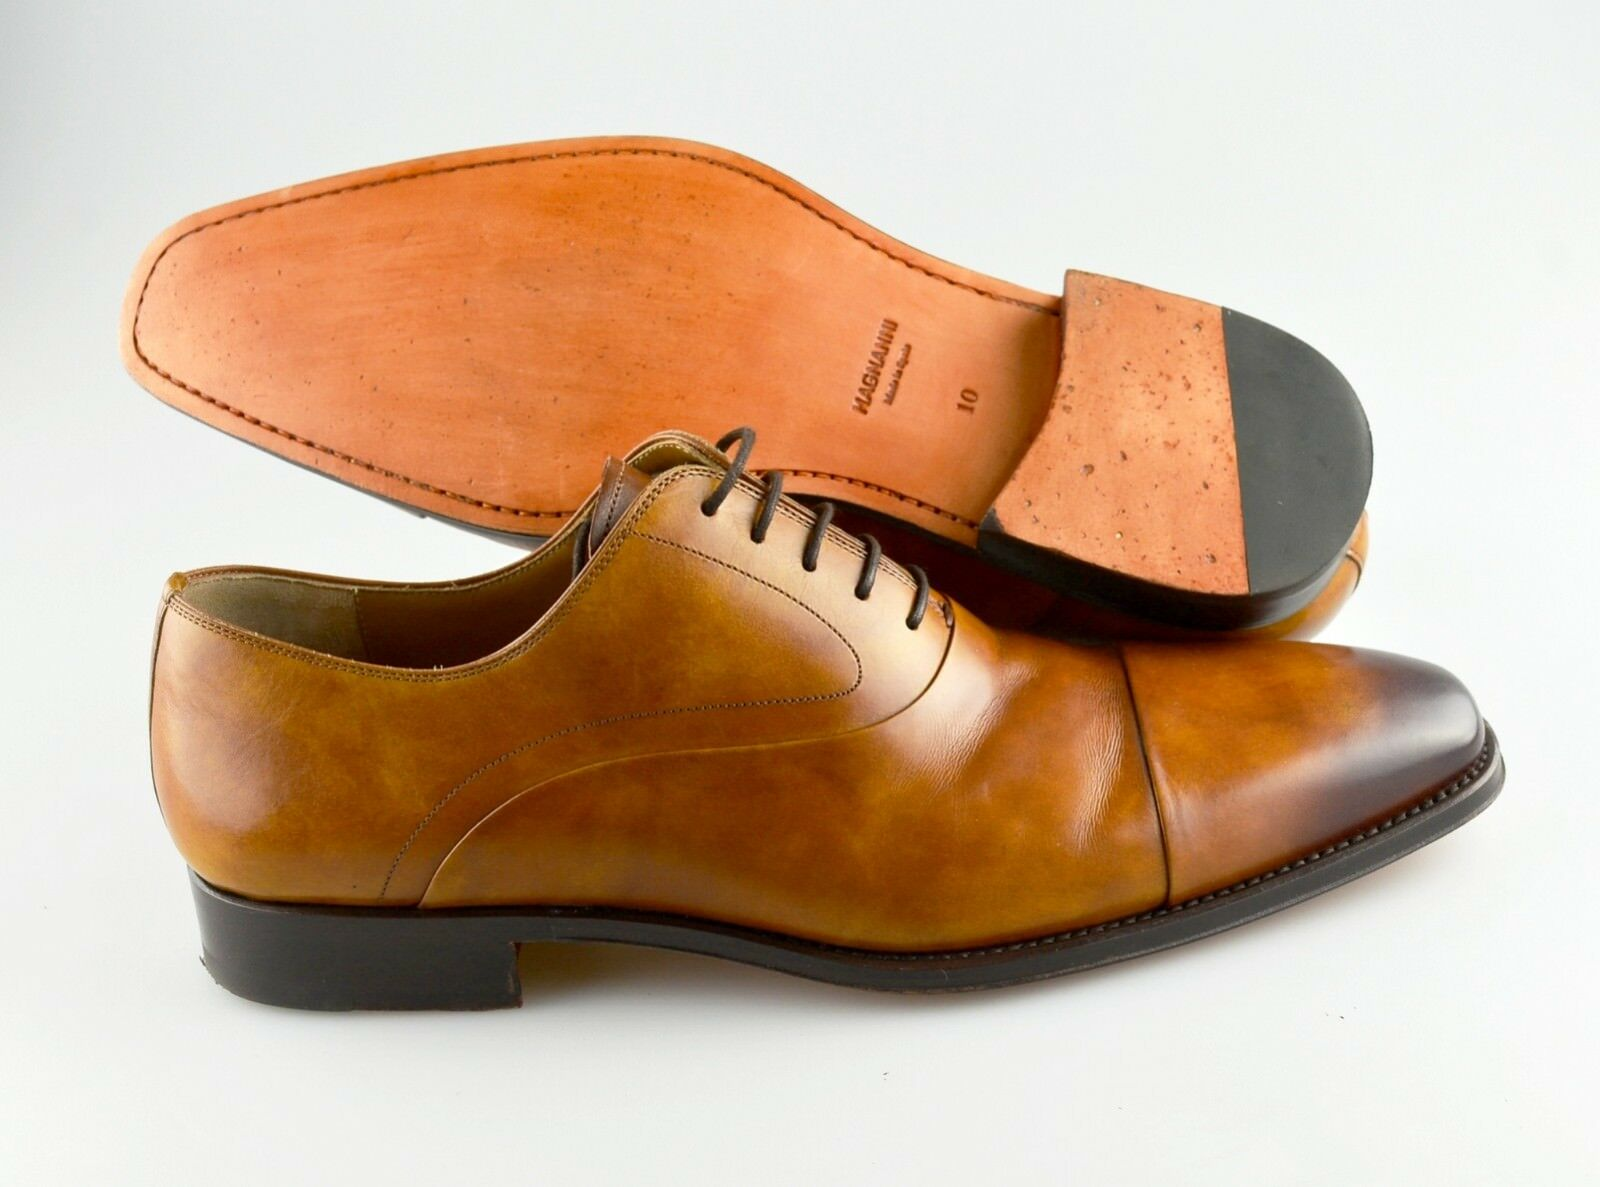 R - Men's MAGNANNI 'Saffron' Marronee Leather Cap Toe Oxfords Dimensione US 10 - D